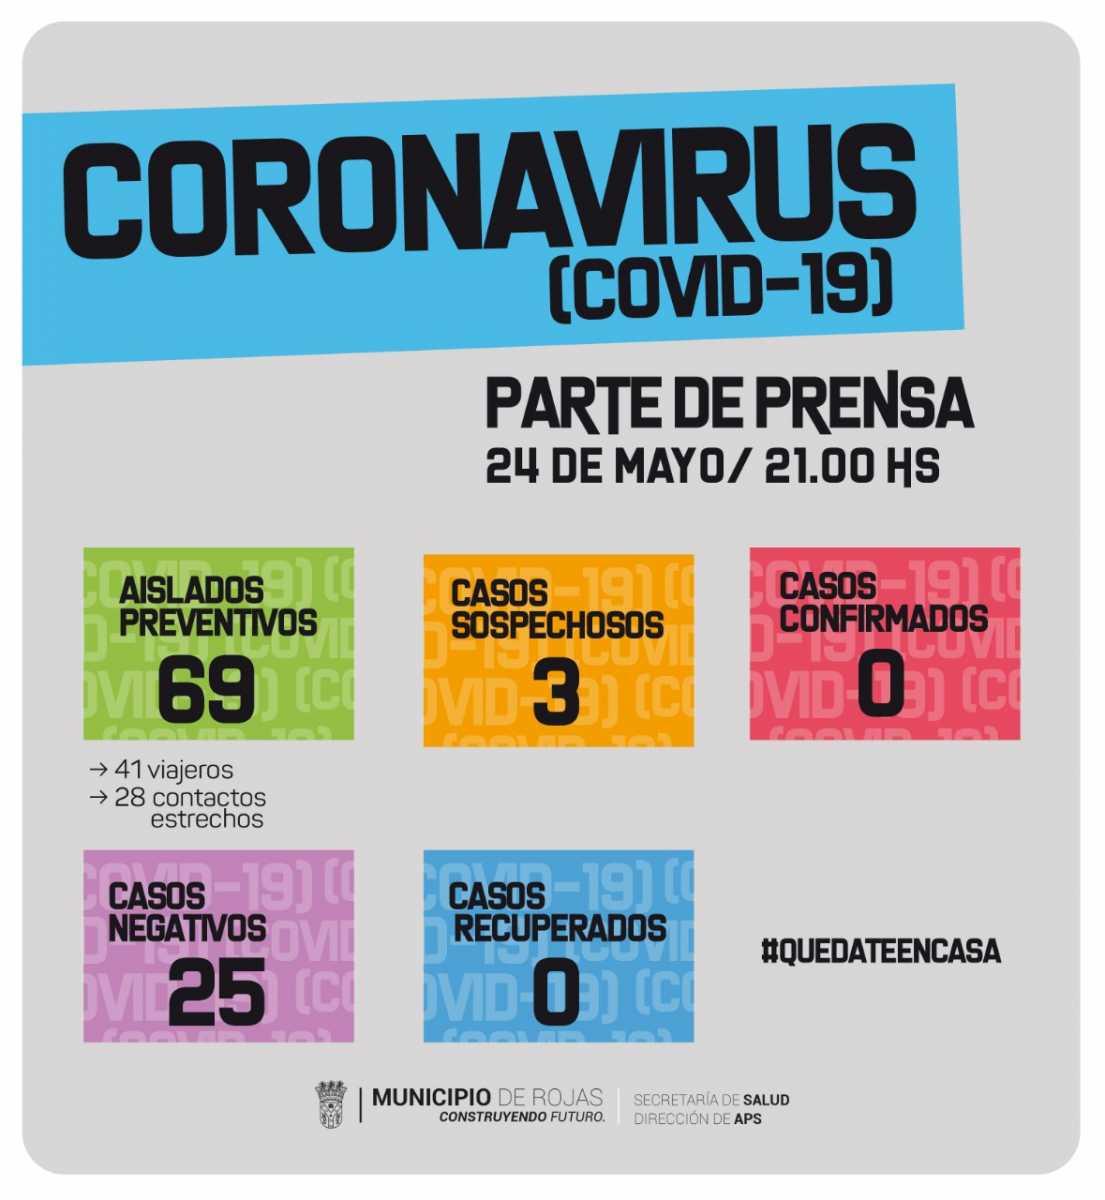 Covid 19: tres casos sospechosos y 69 aislados preventivos en Rojas